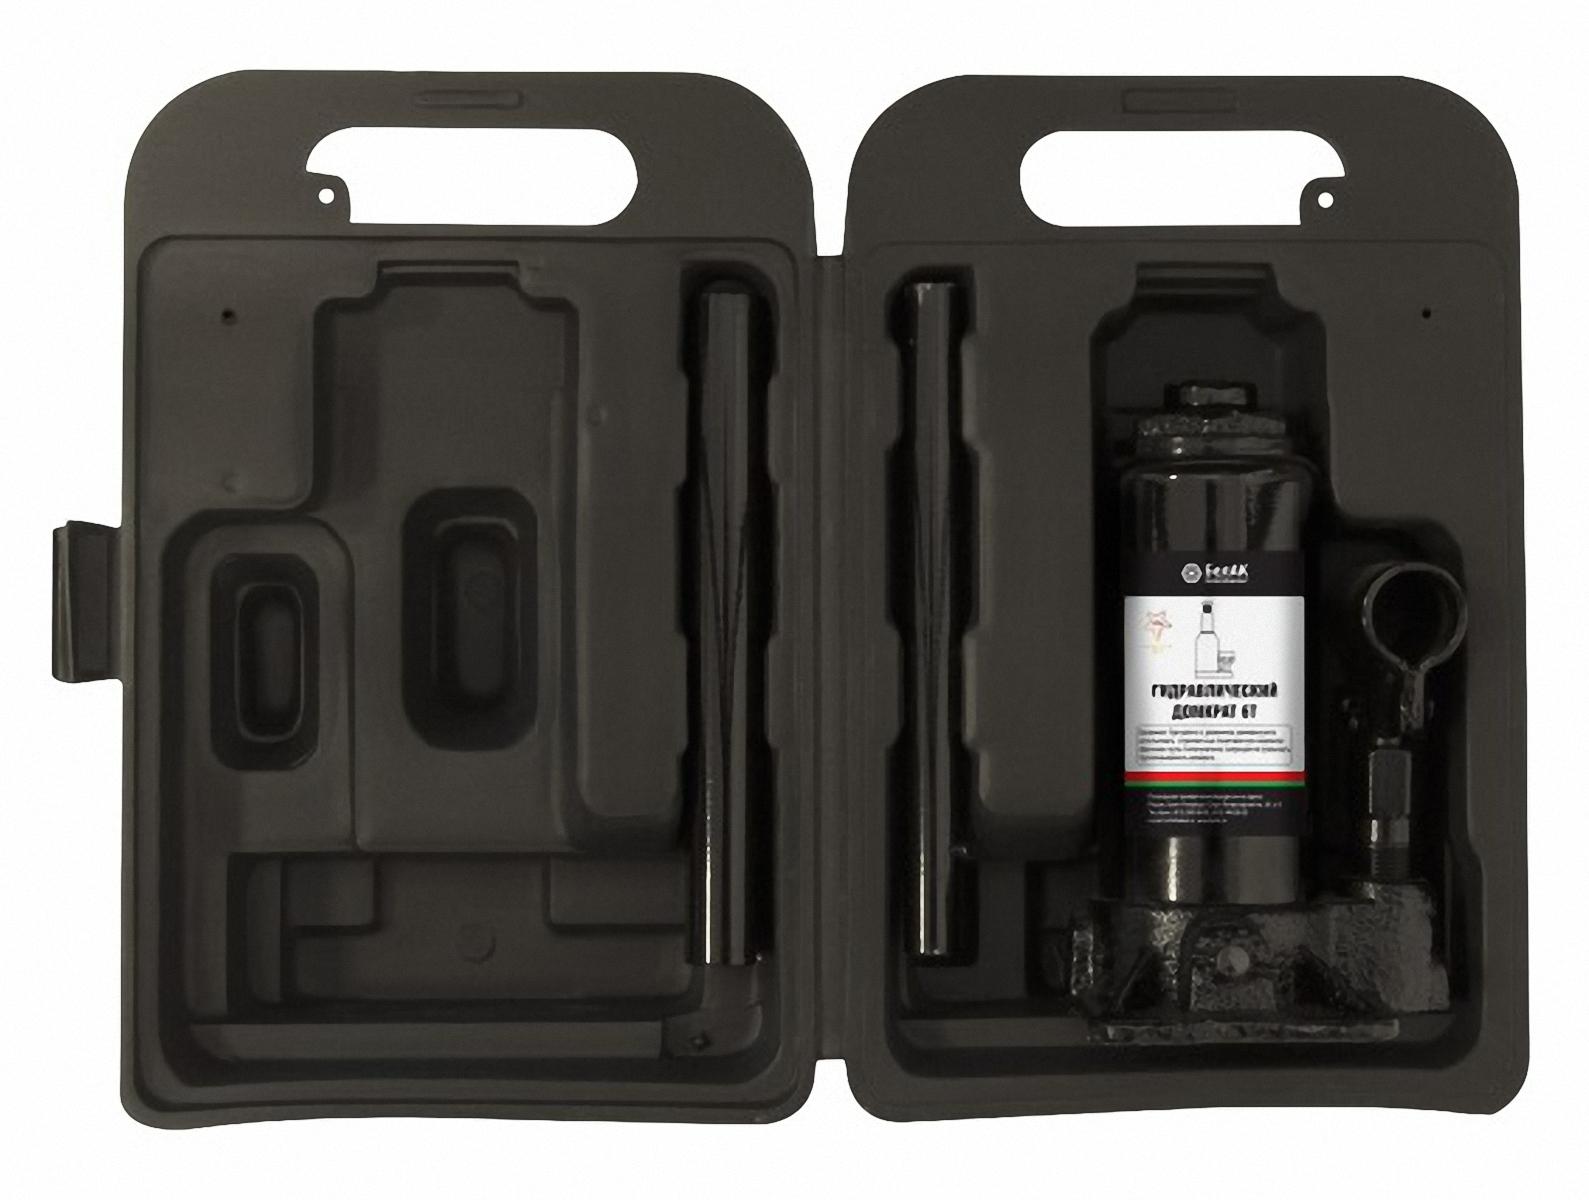 Домкрат бутылочный БелАвтоКомплект, в кейсе, 6 т домкрат белак бак 10044 8т